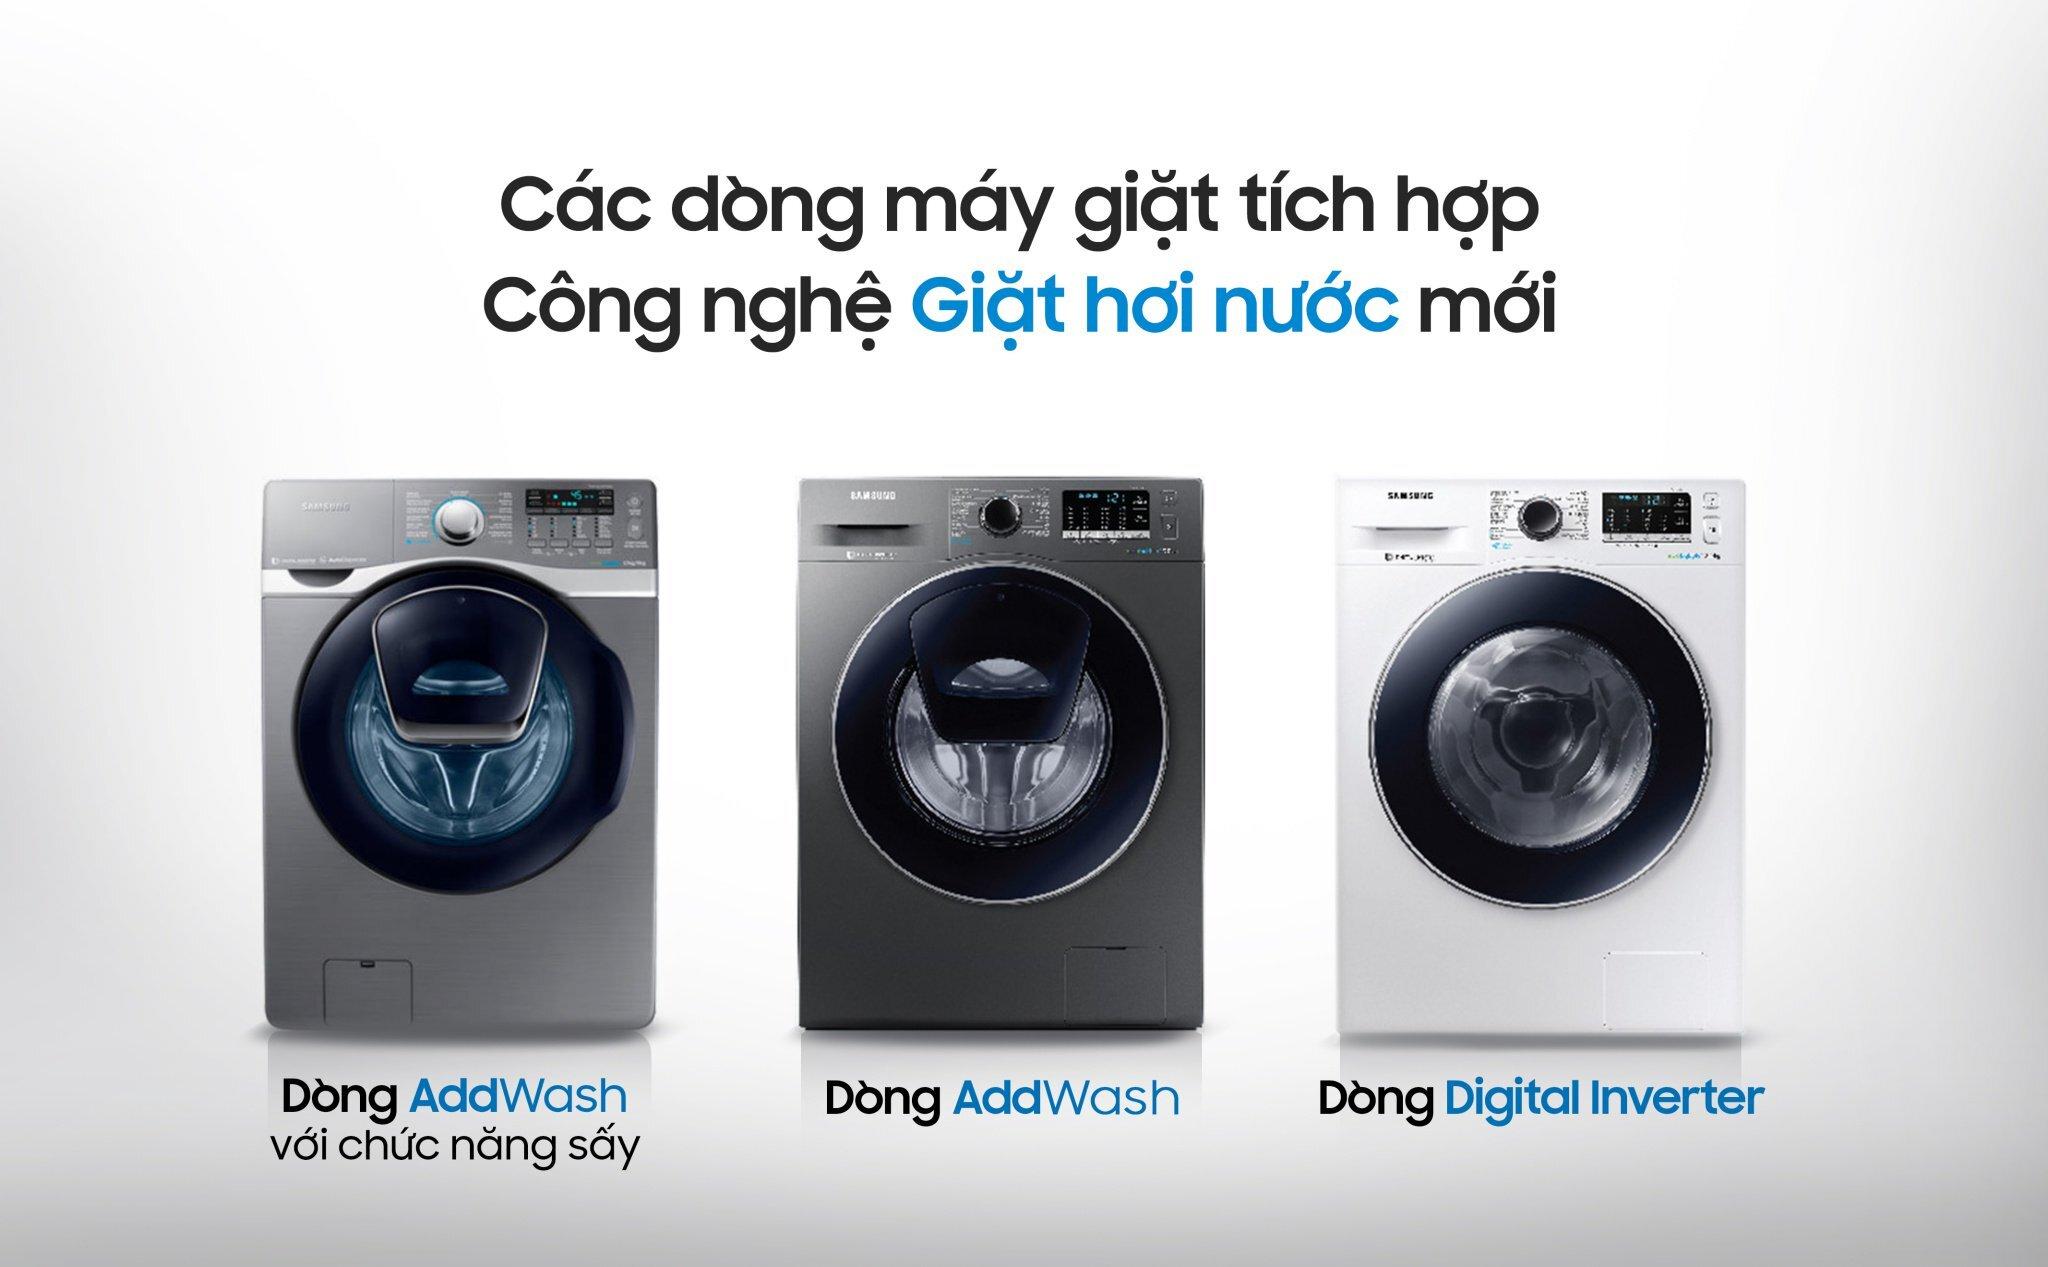 Các chức năng của máy giặt Samsung